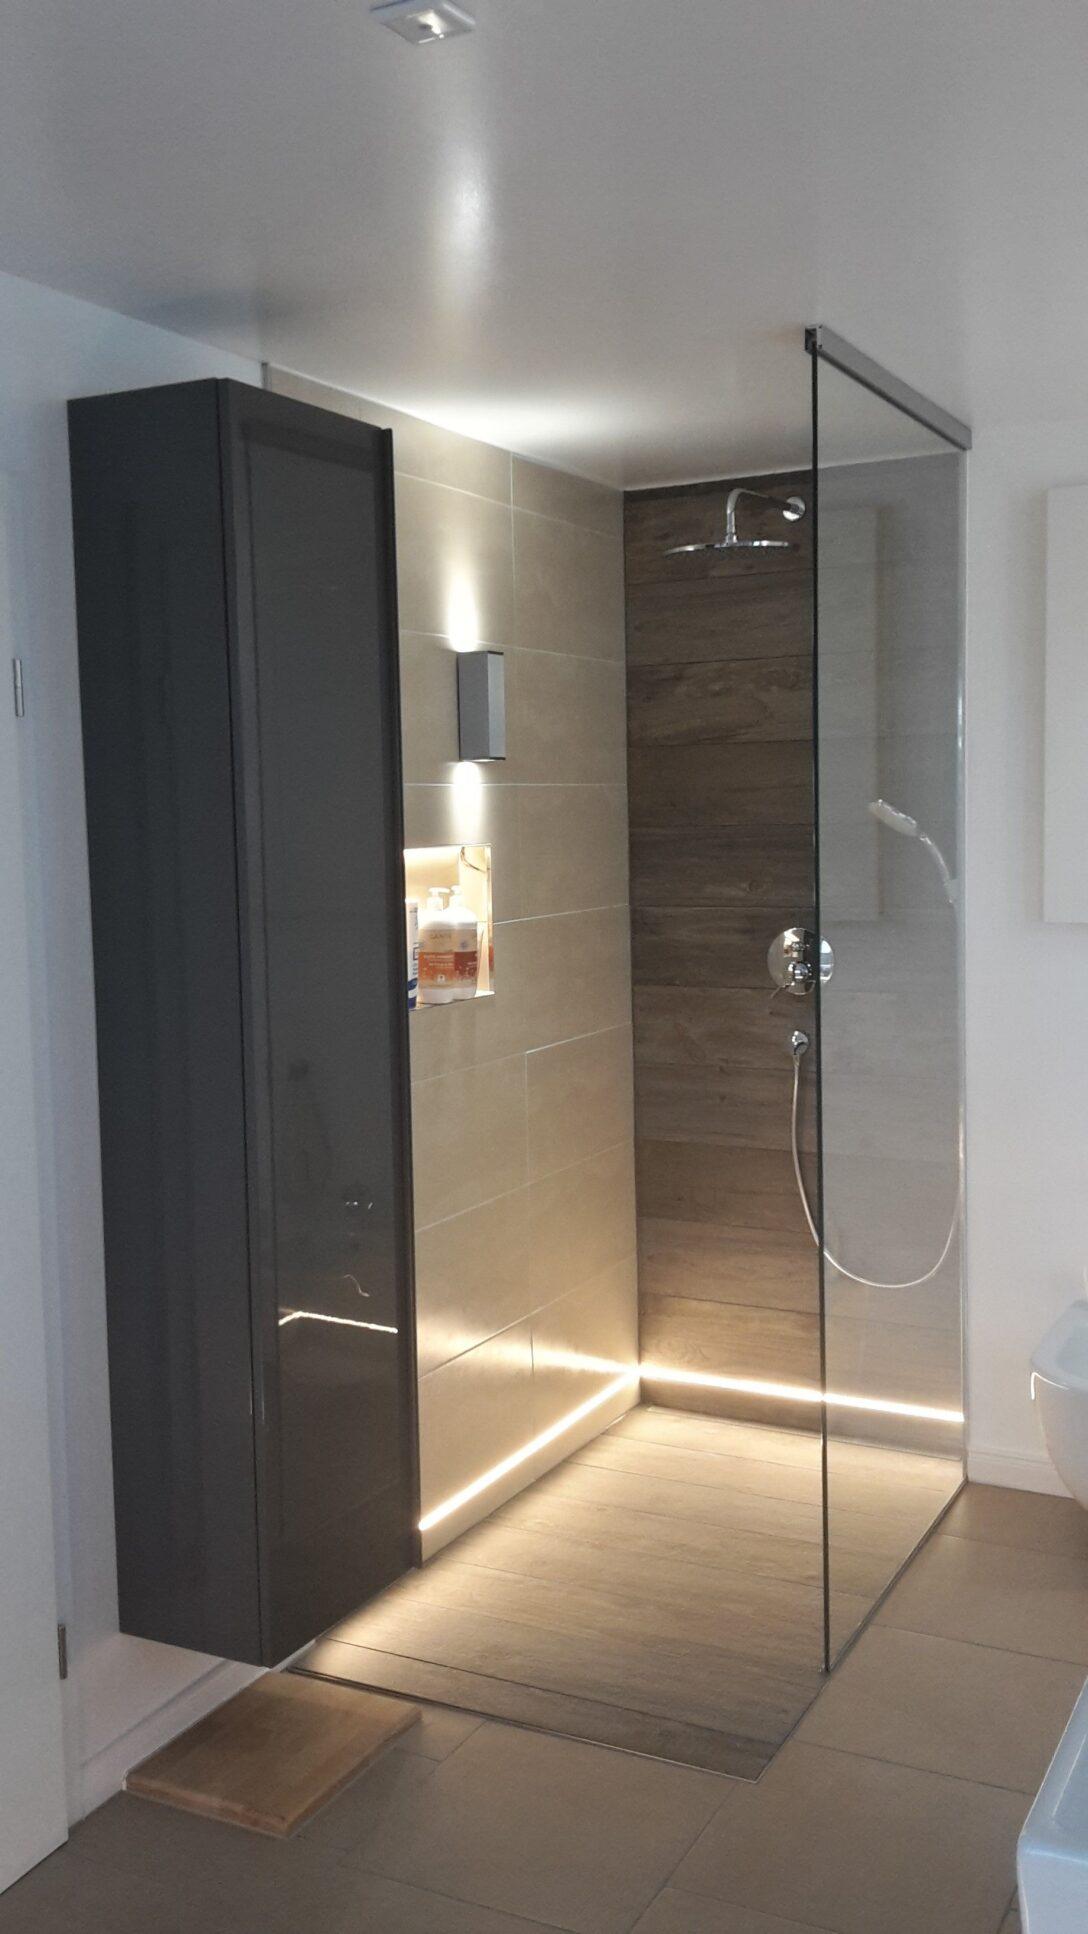 Large Size of Moderne Duschen Gefliest Dusche Ohne Fliesen Ebenerdig Bodengleiche Gemauert Begehbare Badezimmer Mit Warmweien Led Streifen Ip65 Im Unteren Breuer Schulte Dusche Moderne Duschen